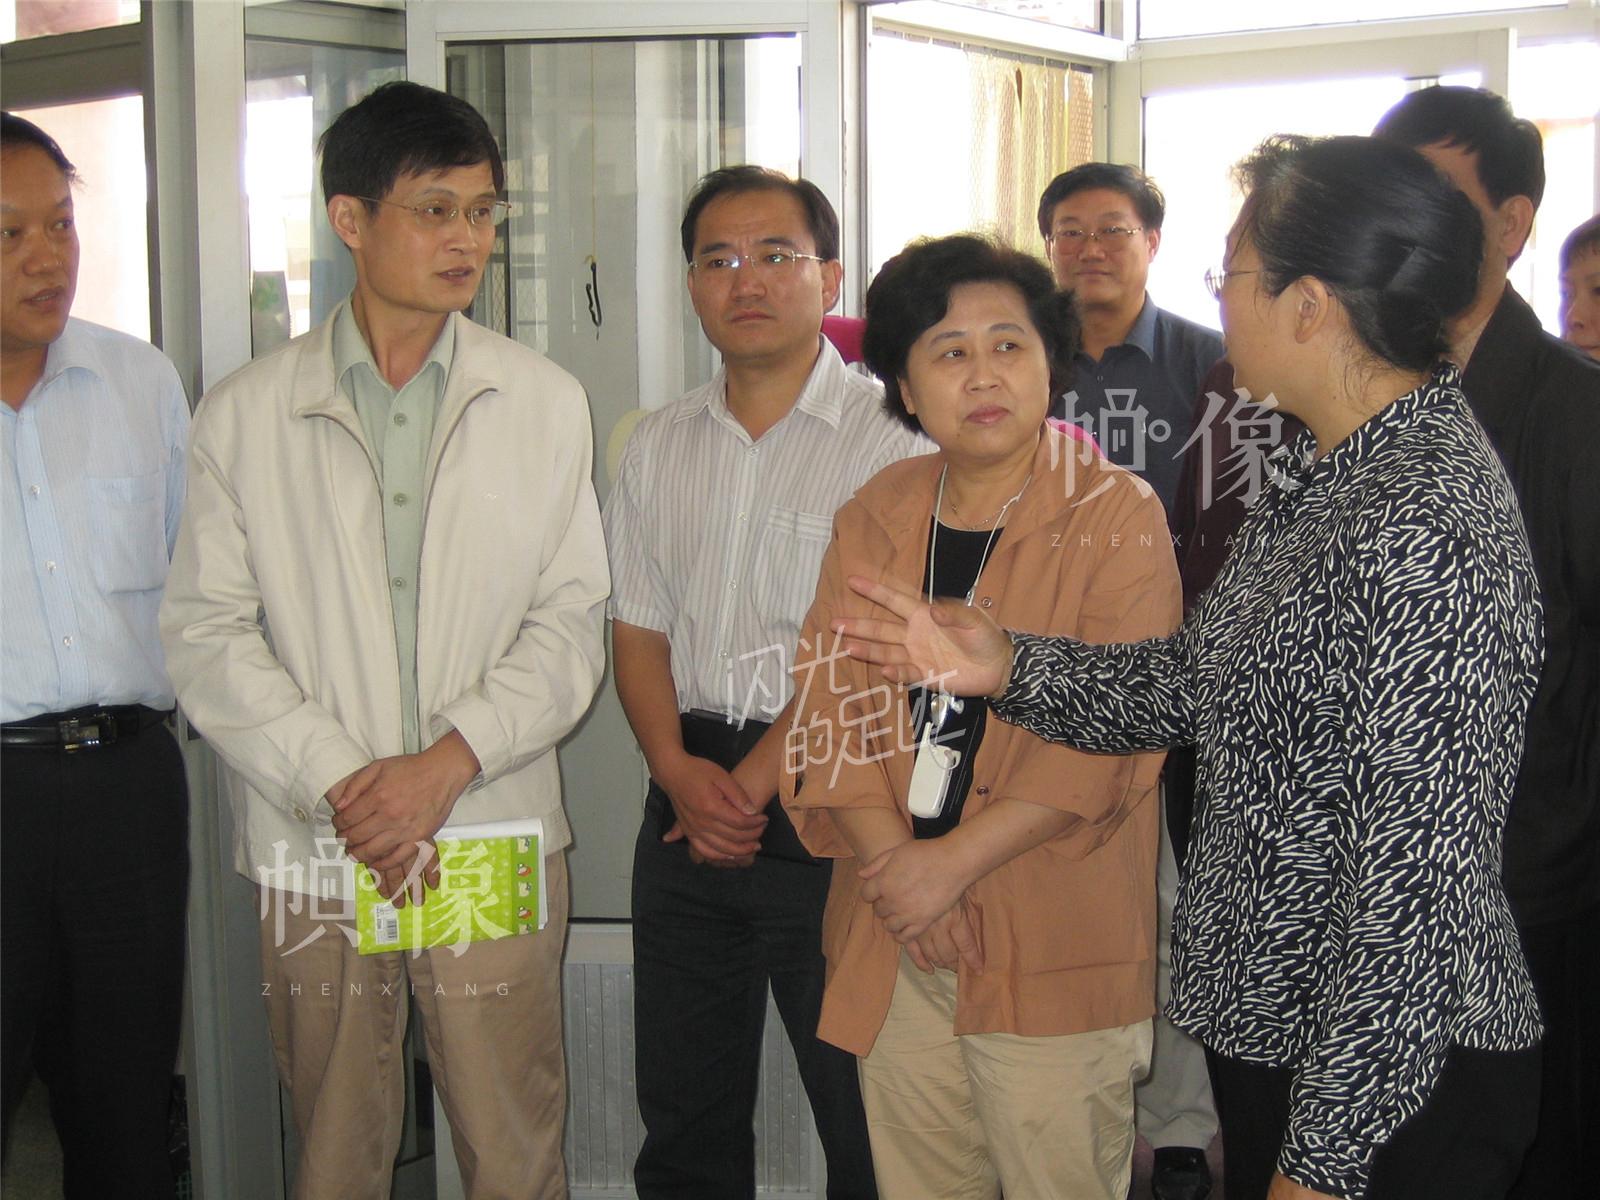 2005年9月,北京市中医局赵静局长检查中医工作。(北京金海老年服务中心供图)